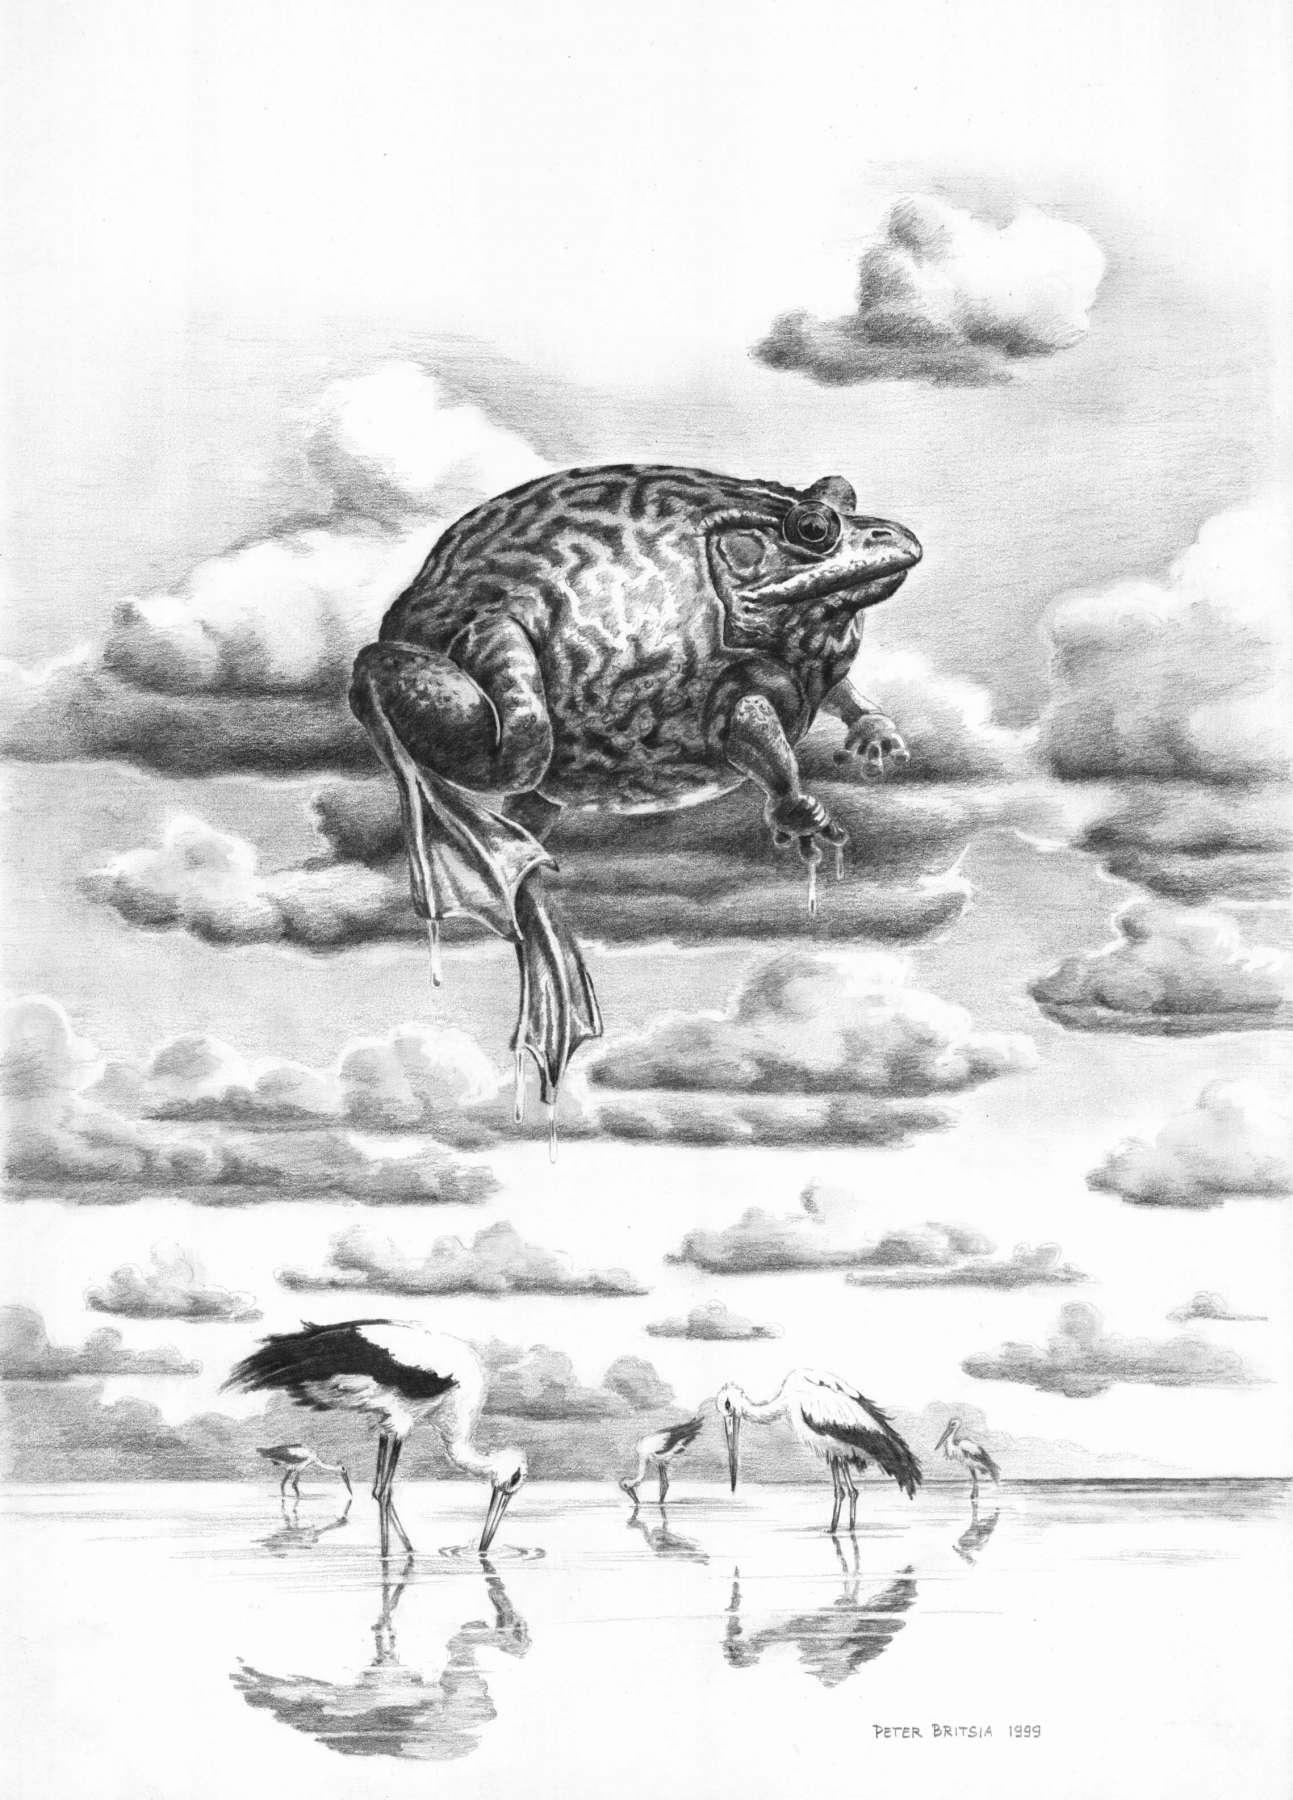 Opkikker - potloodtekening<br>De ooievaars zijn ijverig op zoek naar lekkere kikkerhapjes in het water, maar alles wat ze doen is pikken in hun eigen spiegelbeeld.